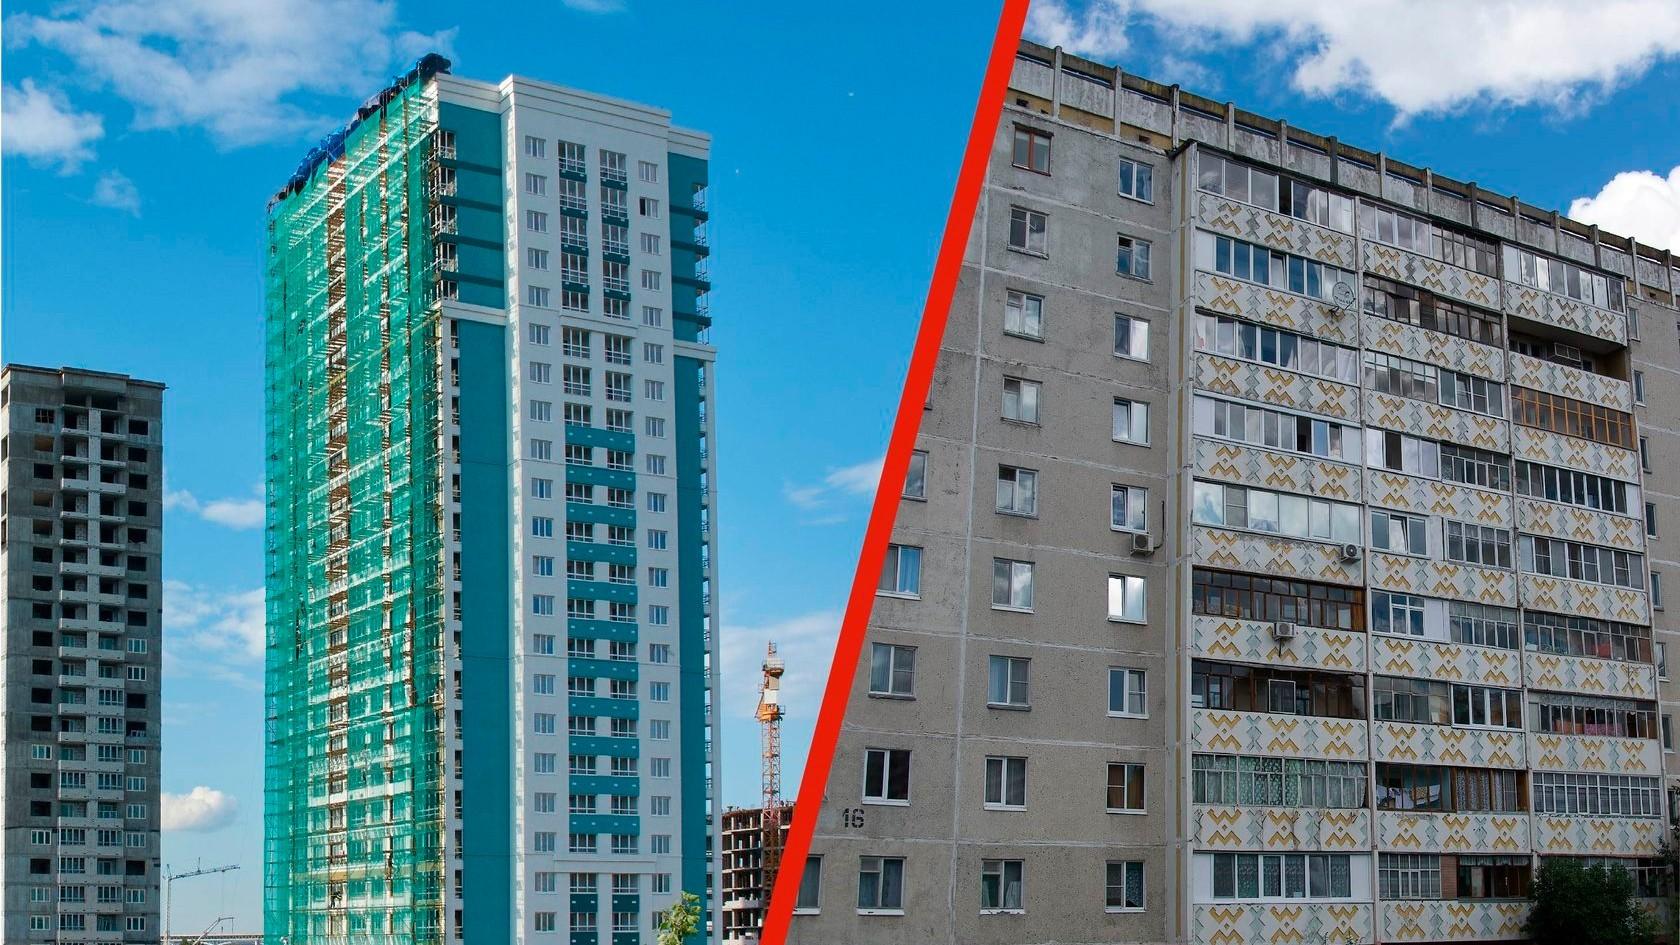 Новое жилье либо вторичное. Что нужно покупать?